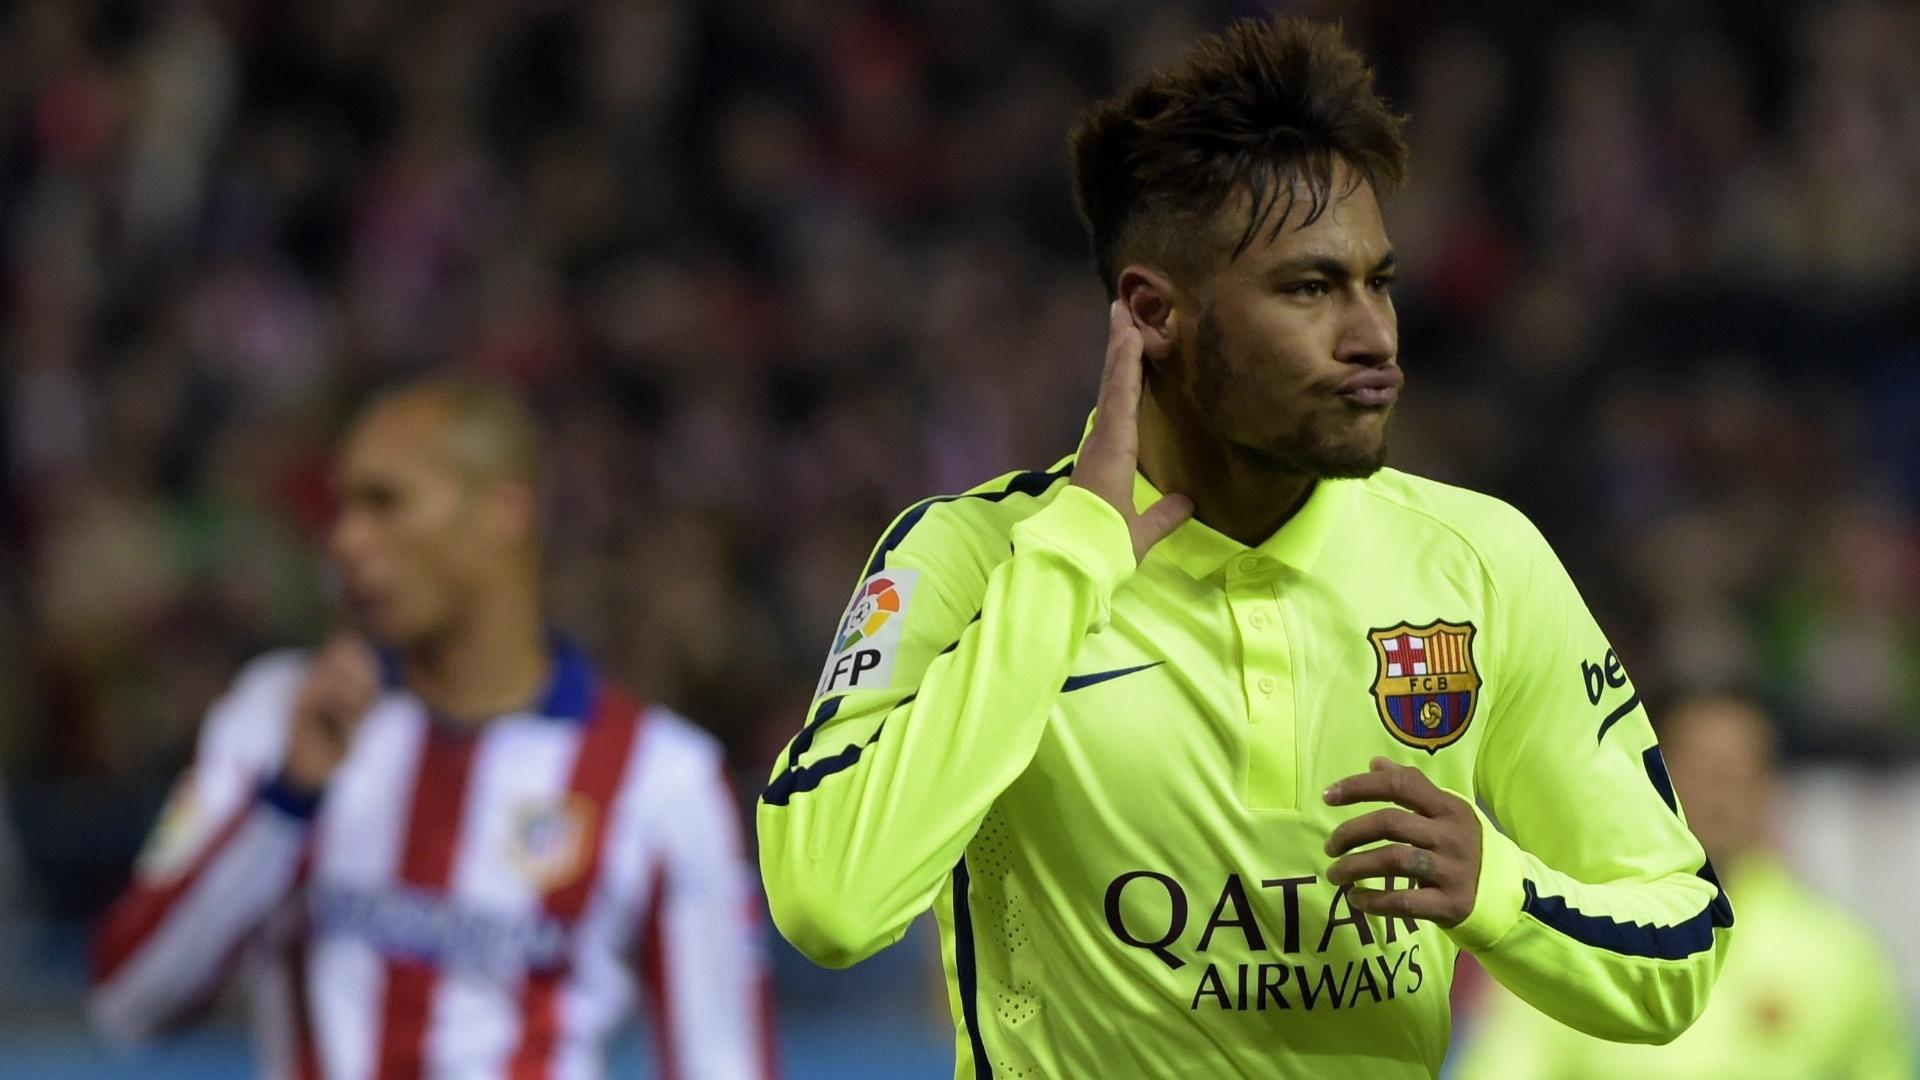 Neymar comemora gol marcado pelo Barcelona sobre o Atlético de Madri, em 2015